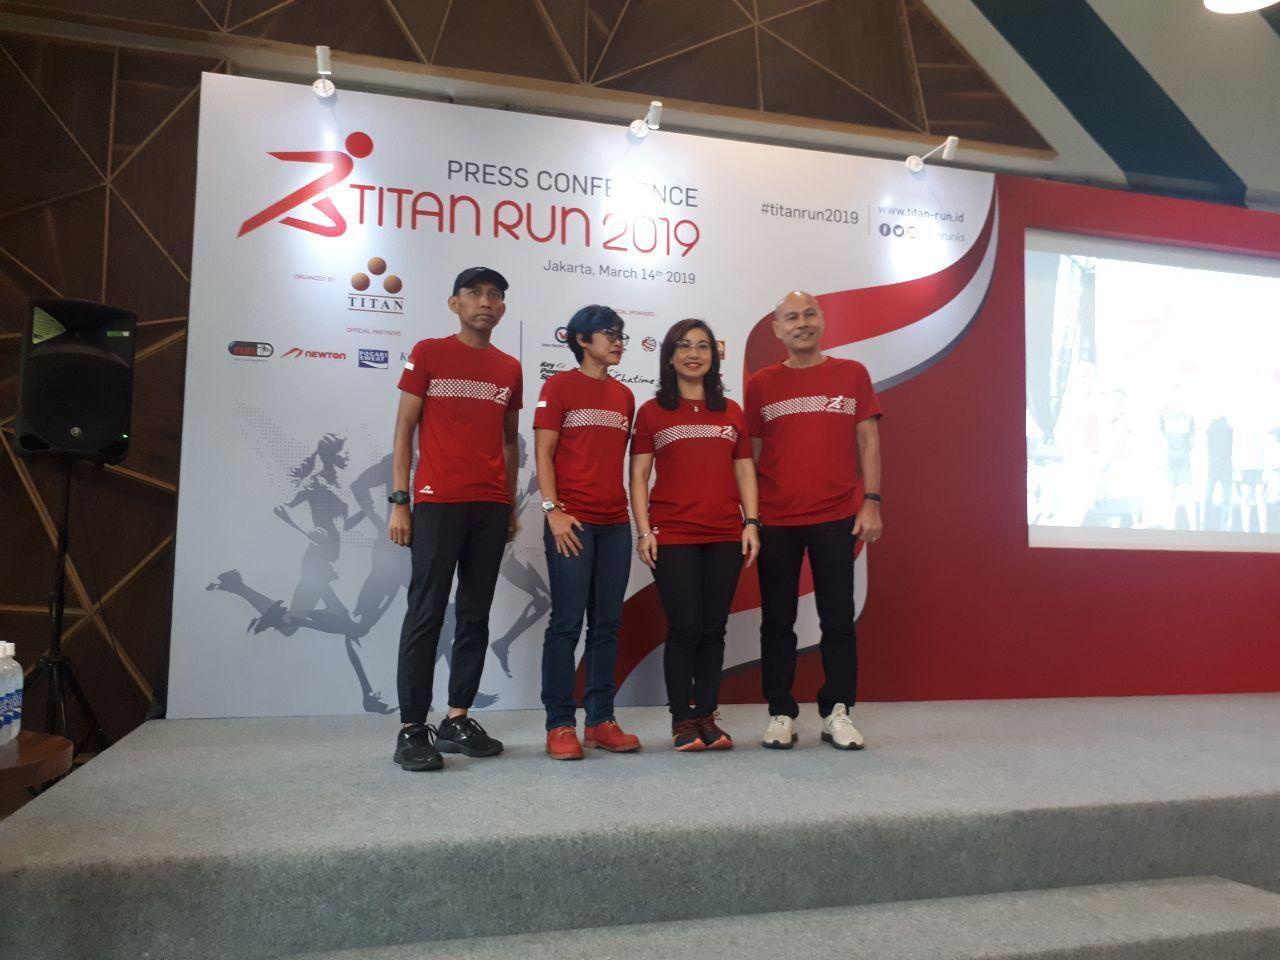 Titan Run, Titan Run 2019,